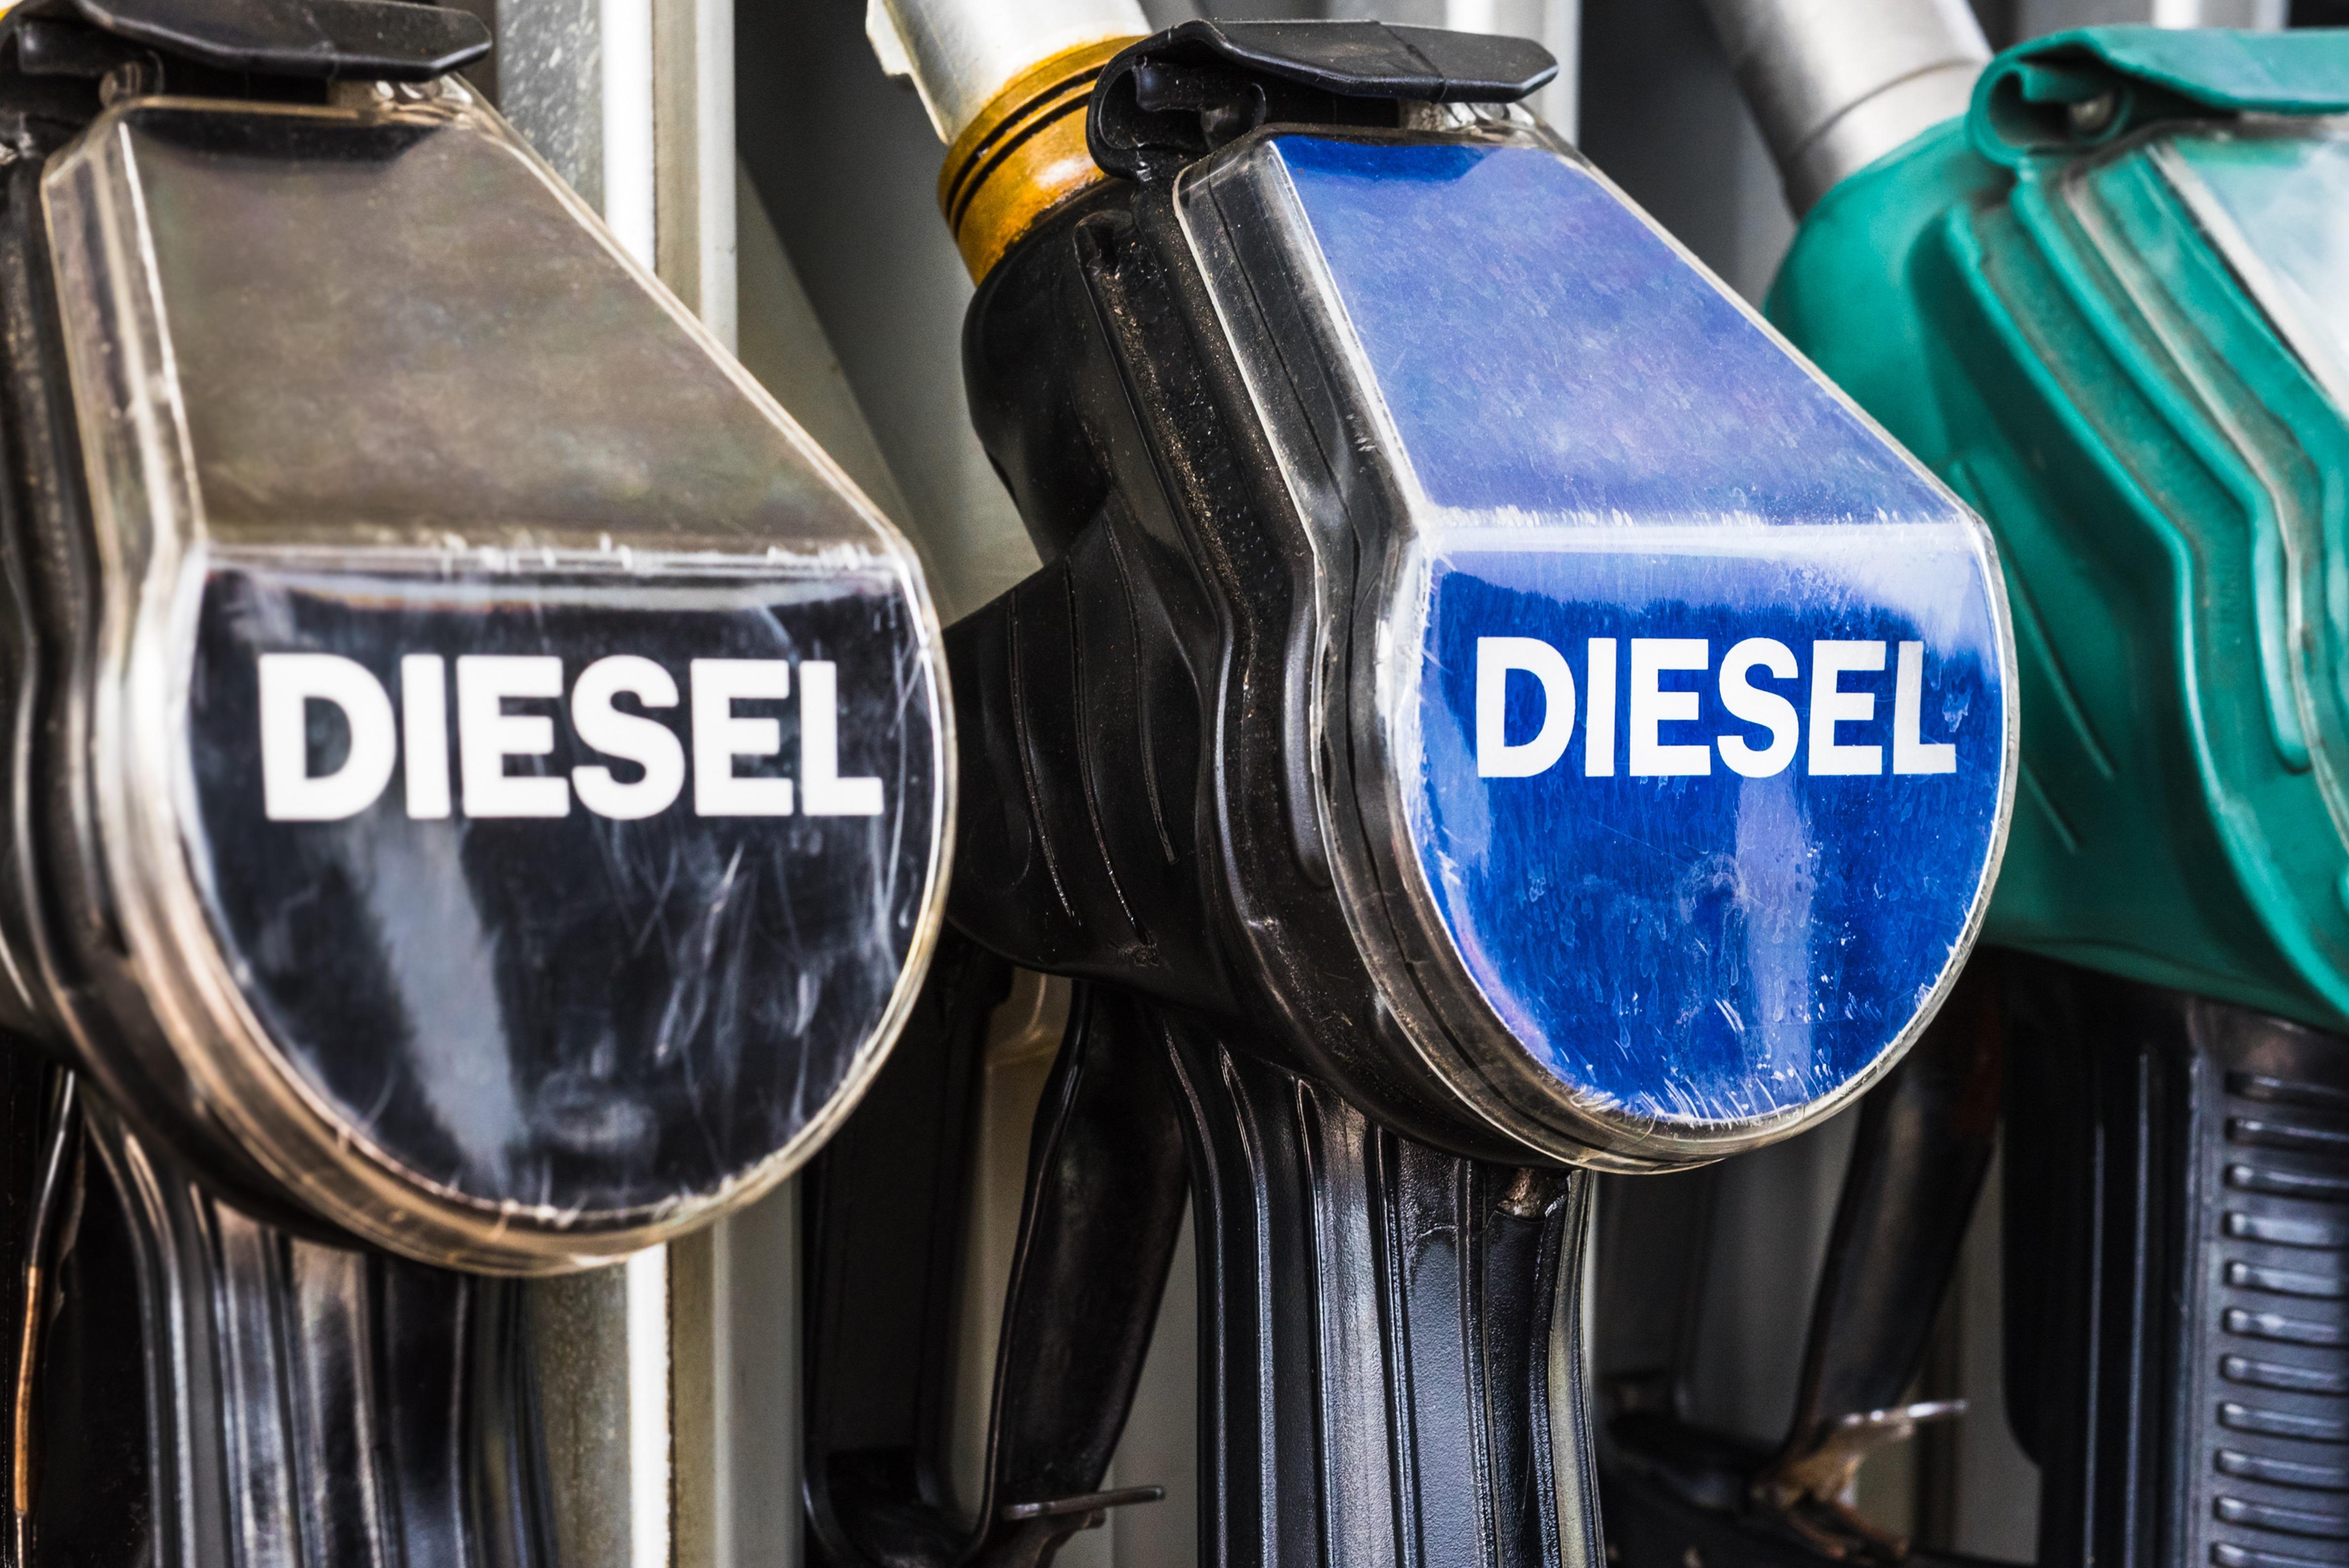 Солярка и дизельное топливо: одно и то же или разные понятия